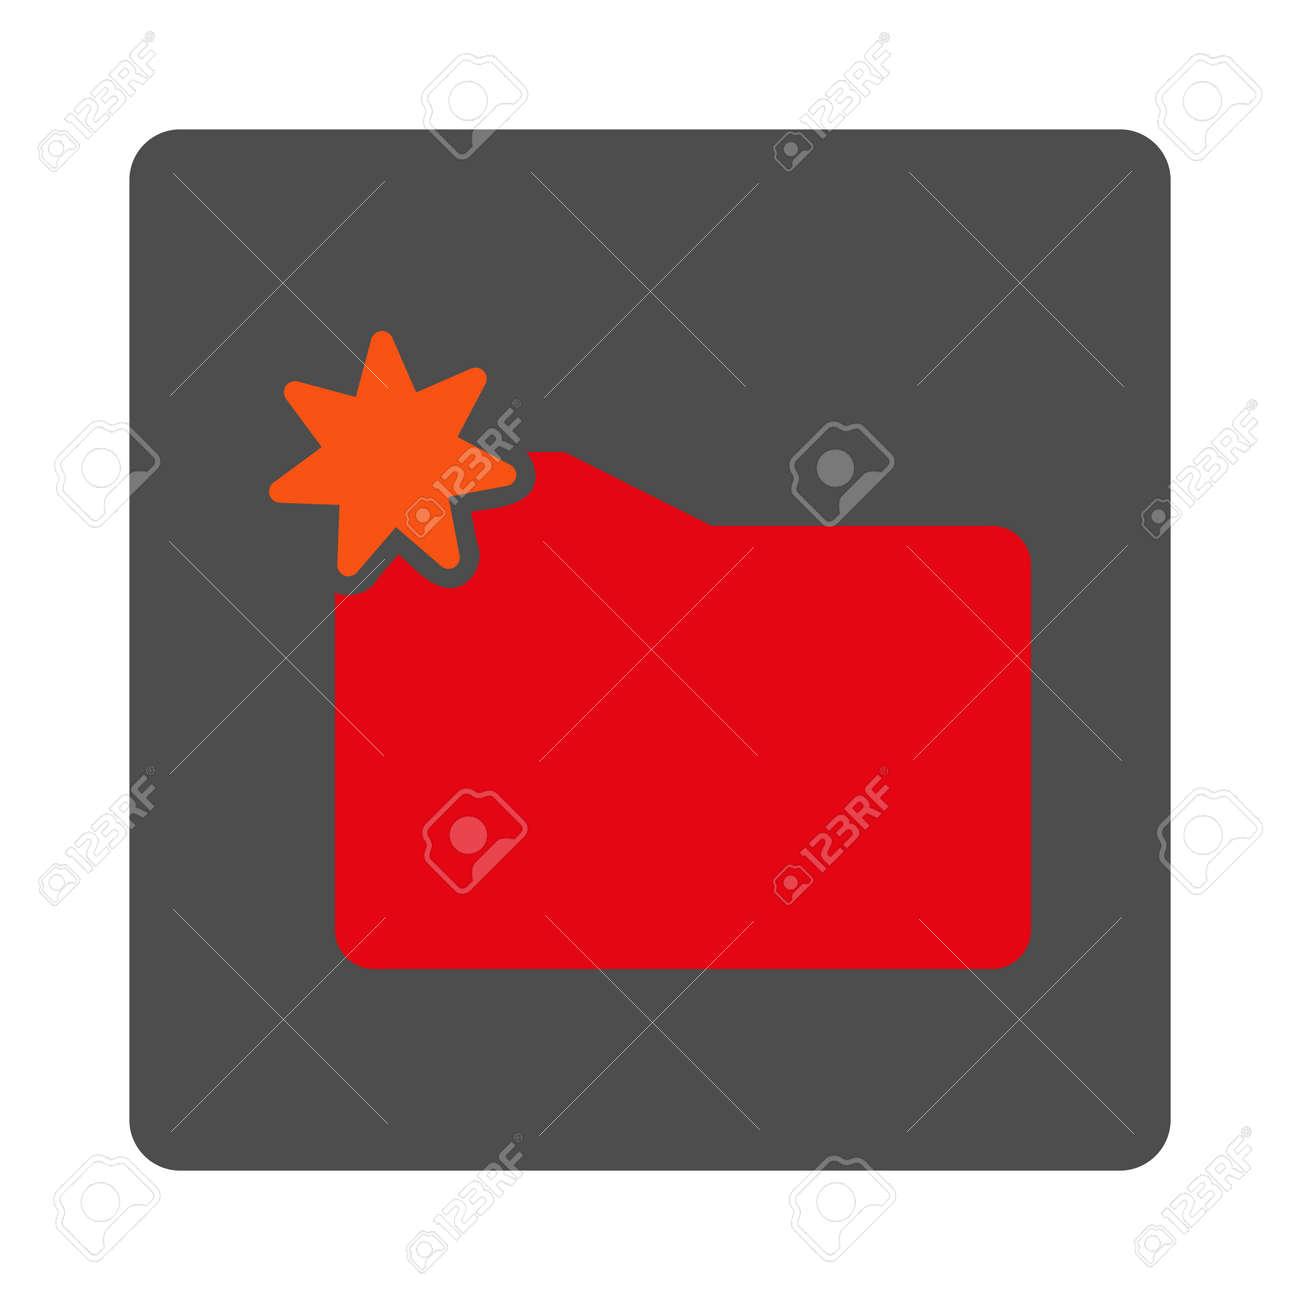 cf00ac123396 Nuevo icono catálogo de vector. El estilo es botón de plata cuadrada  redondeada plana con el símbolo de color rojo, fondo blanco.